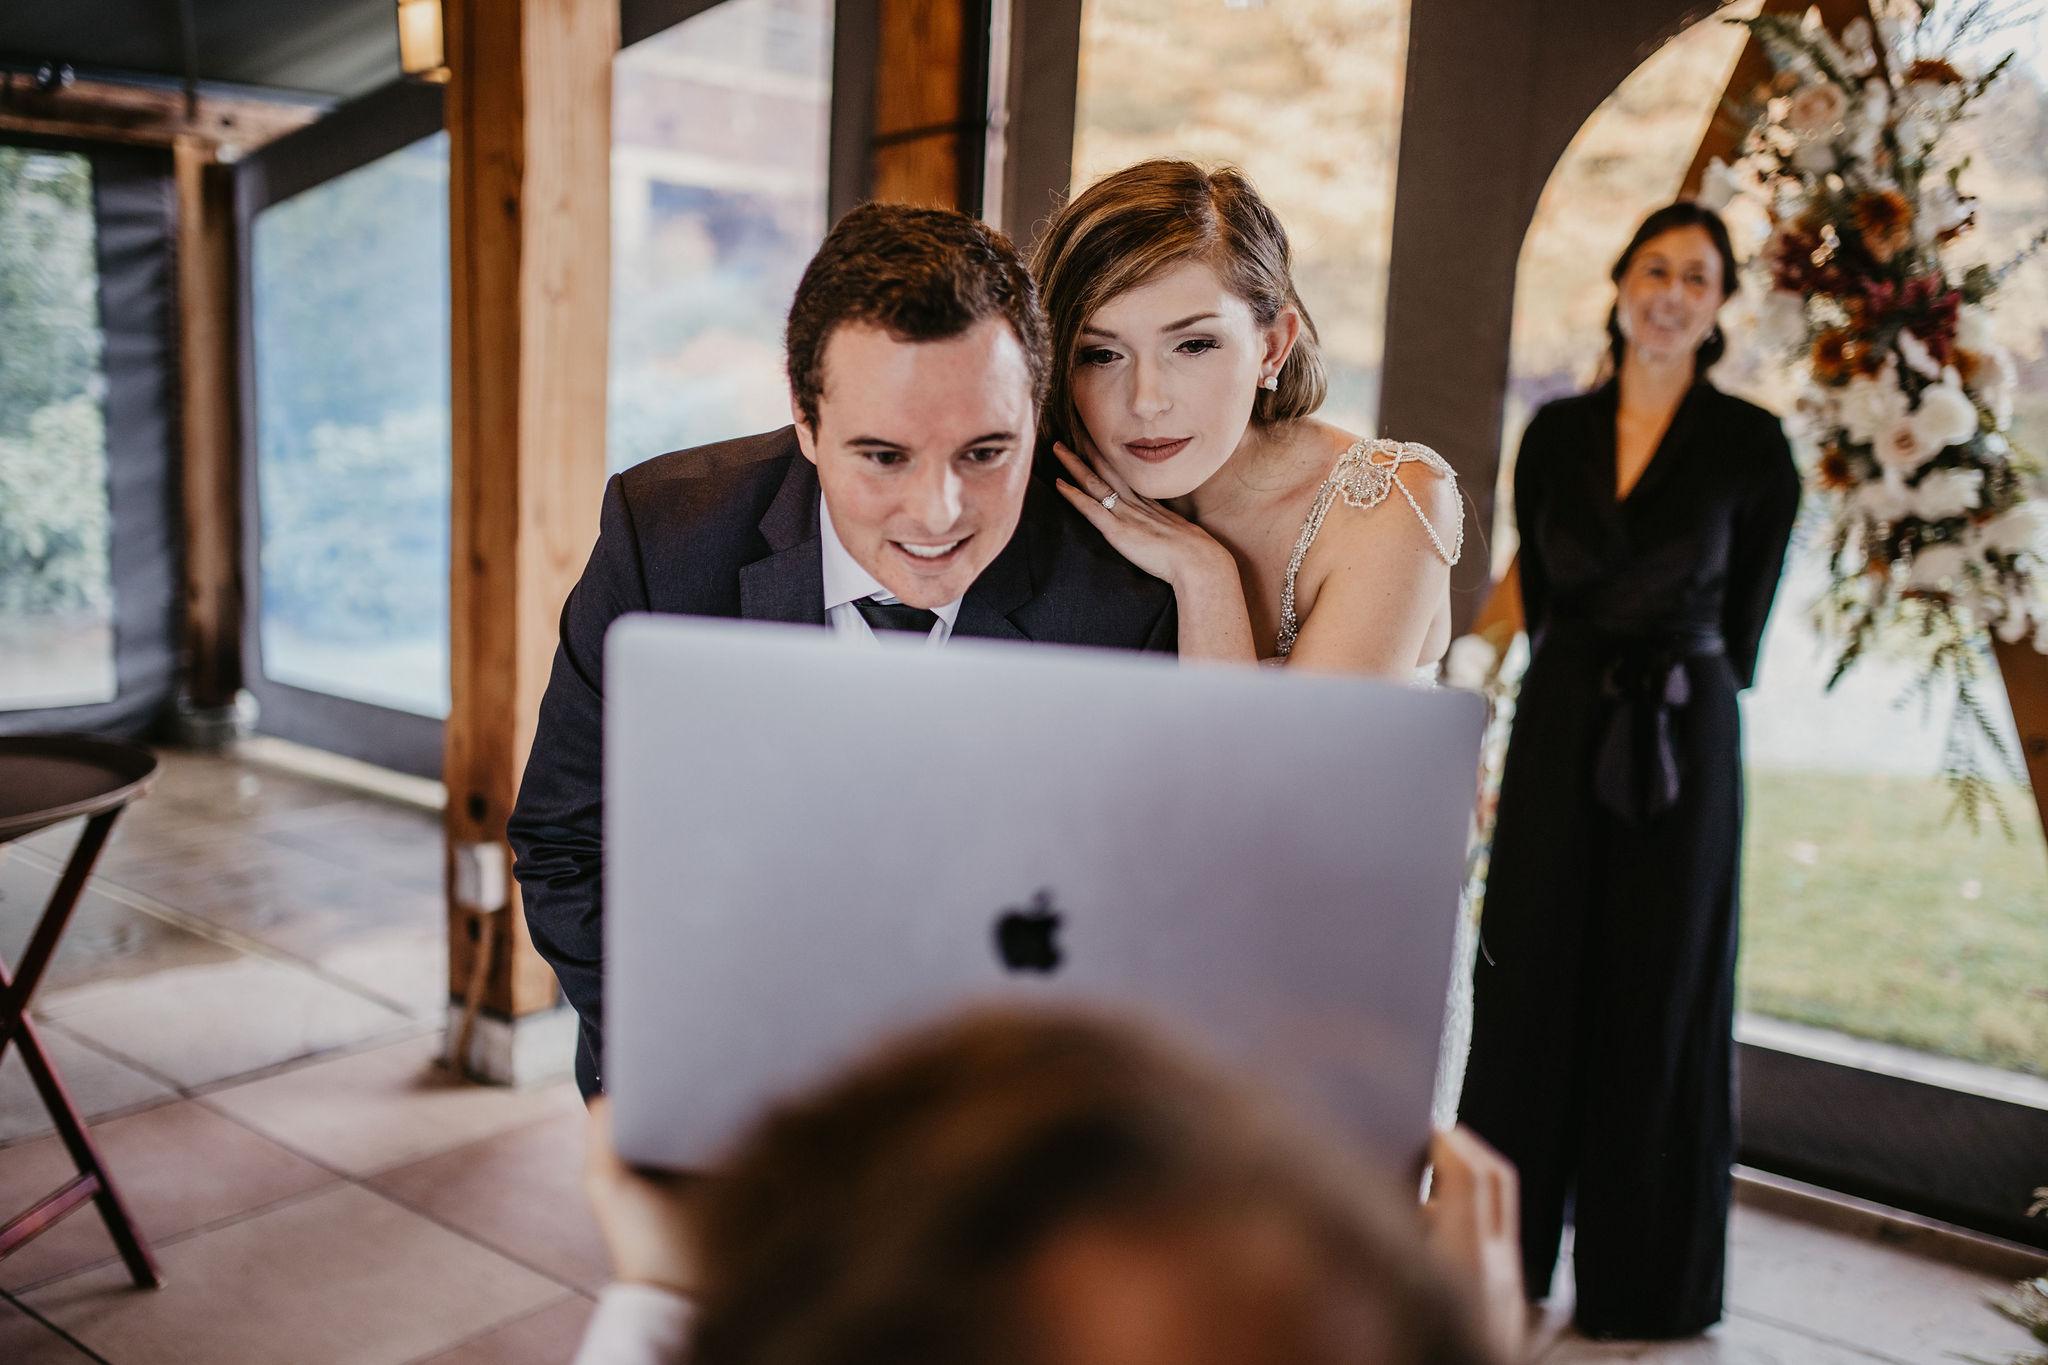 covid weddings covid wedding remote wedding virtual wedding stream wedding covid-19 wedding planning covid wedding florist seattle wedding flowers seattle wedding florist